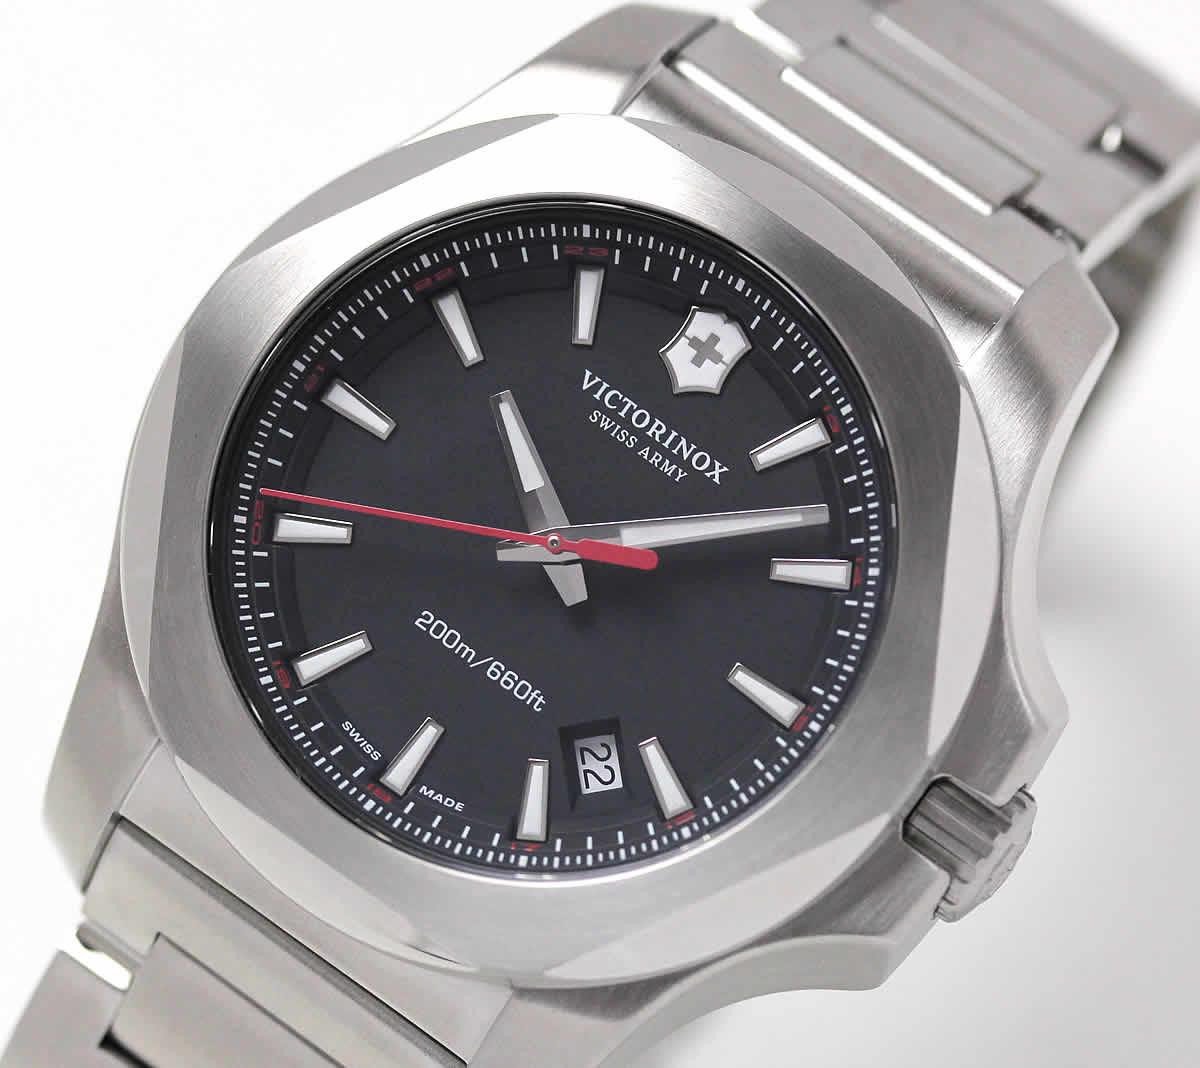 ビクトリノックス スイスアーミー 時計 イノックス